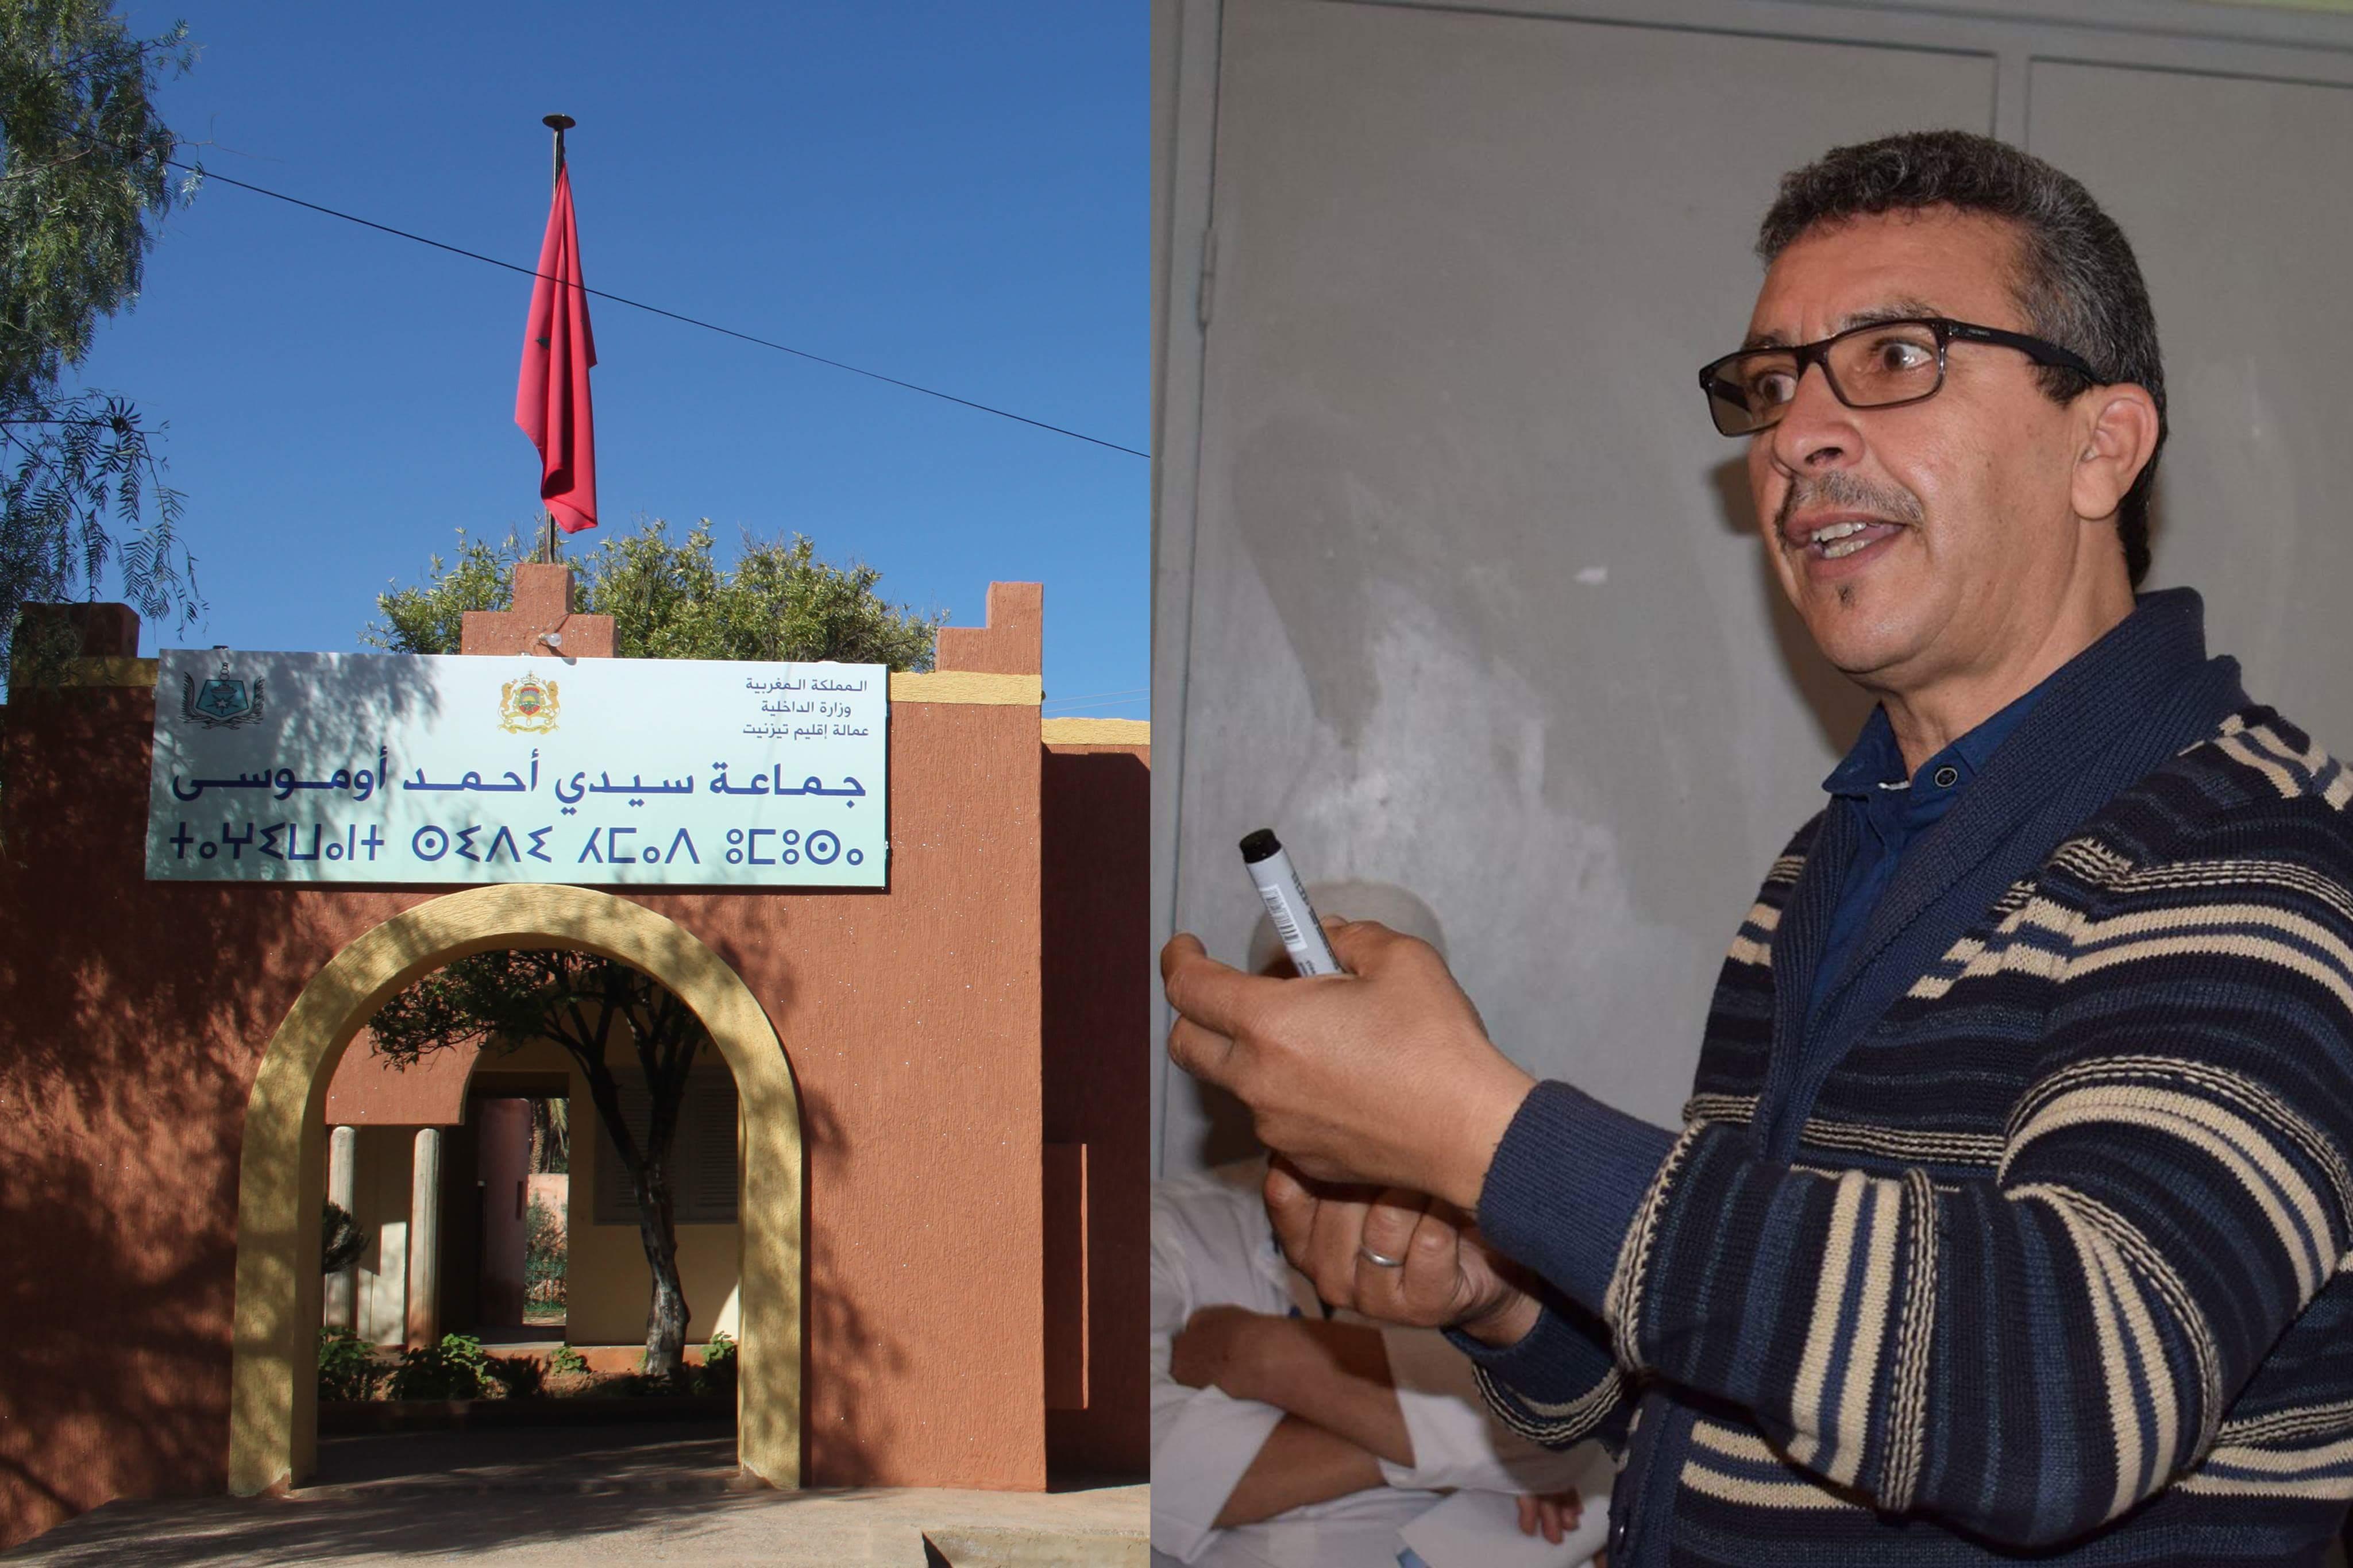 انسحاب جماعي في دورة فبراير 2018 لجماعة سيدي احمد اوموسى اقليم تيزنيت